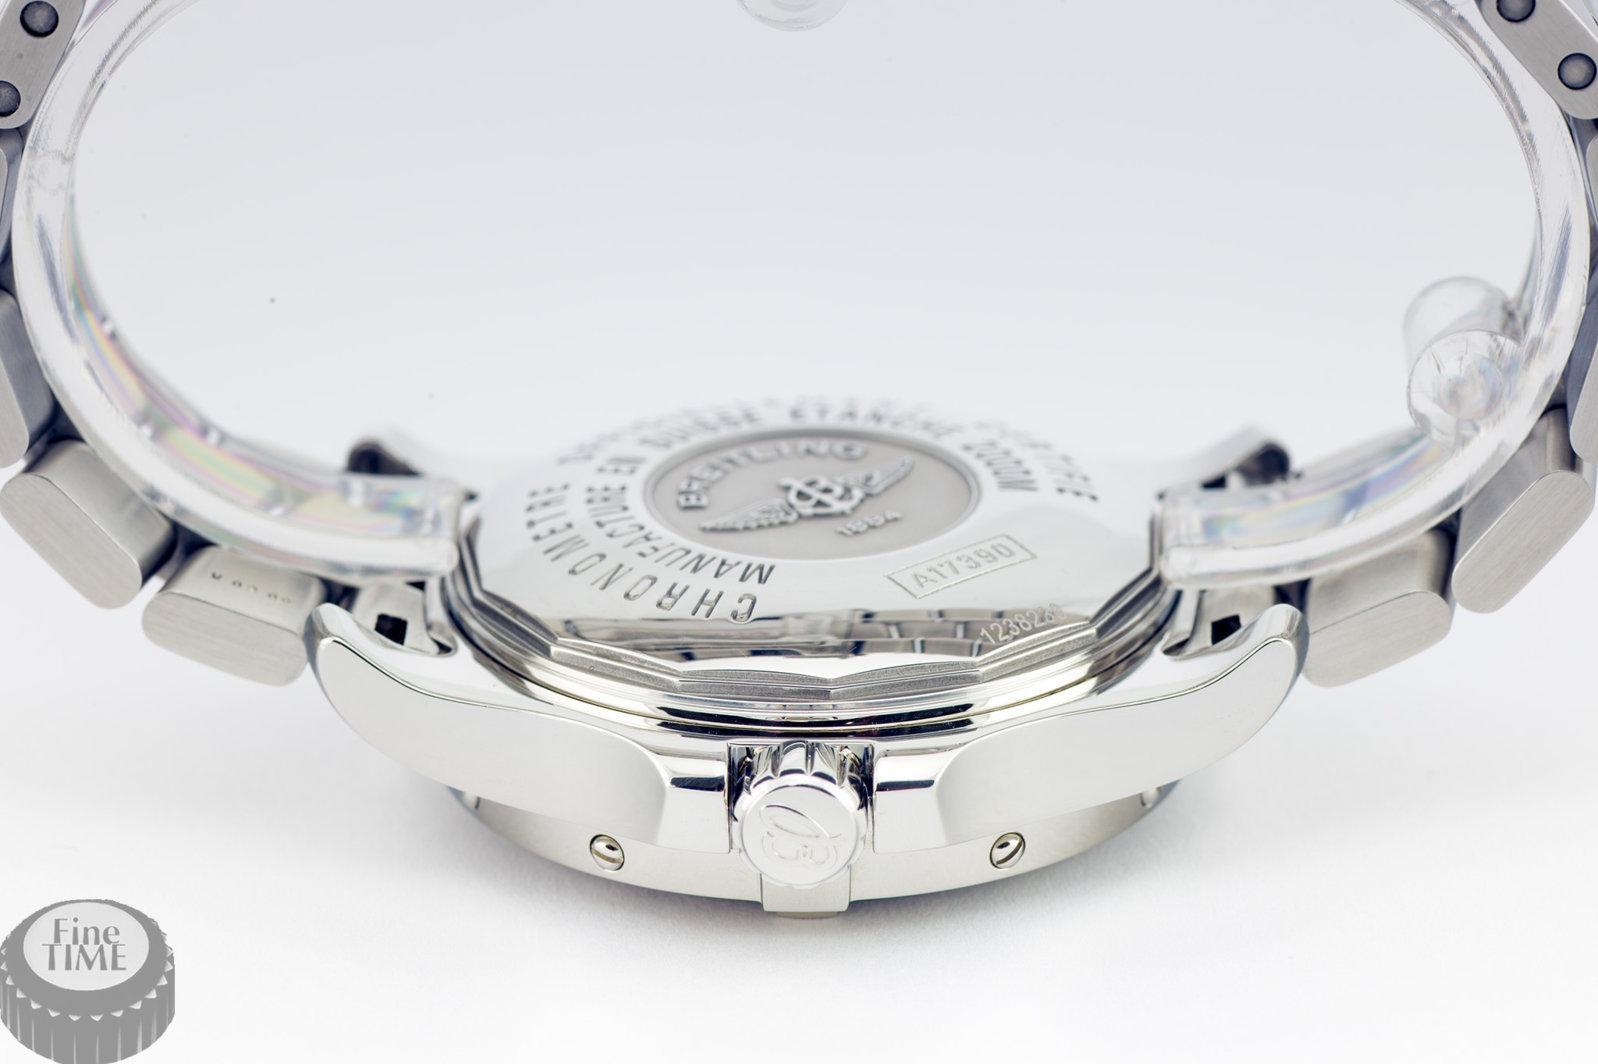 breitling-superocean-steelfish-a17390-05.jpg